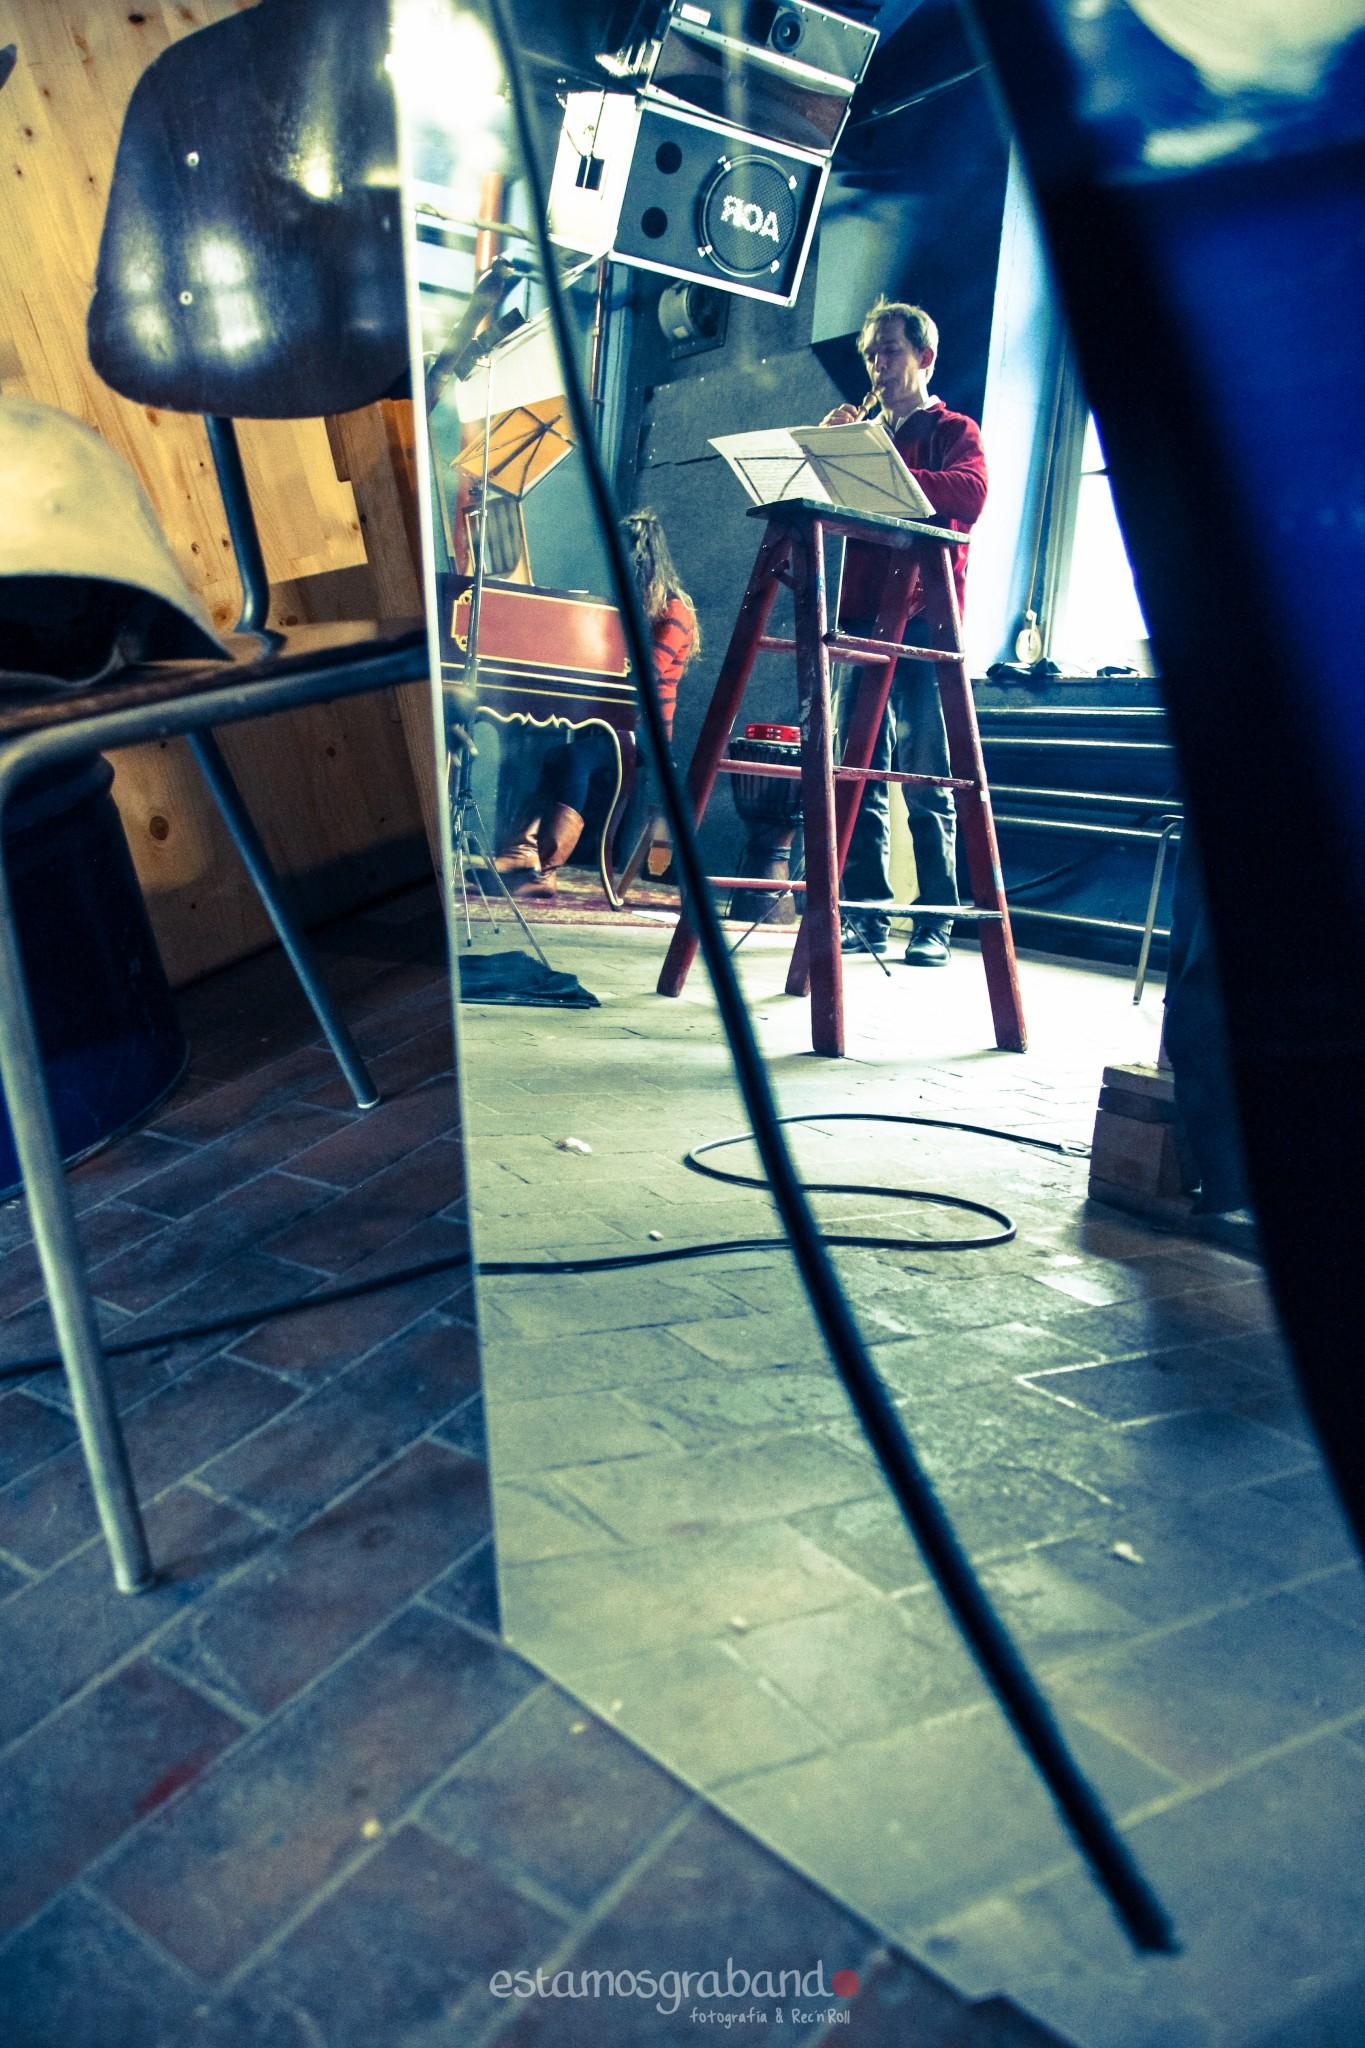 cafebaum_selecciocc81n Cafebaum. Banda barROCKa - video boda cadiz